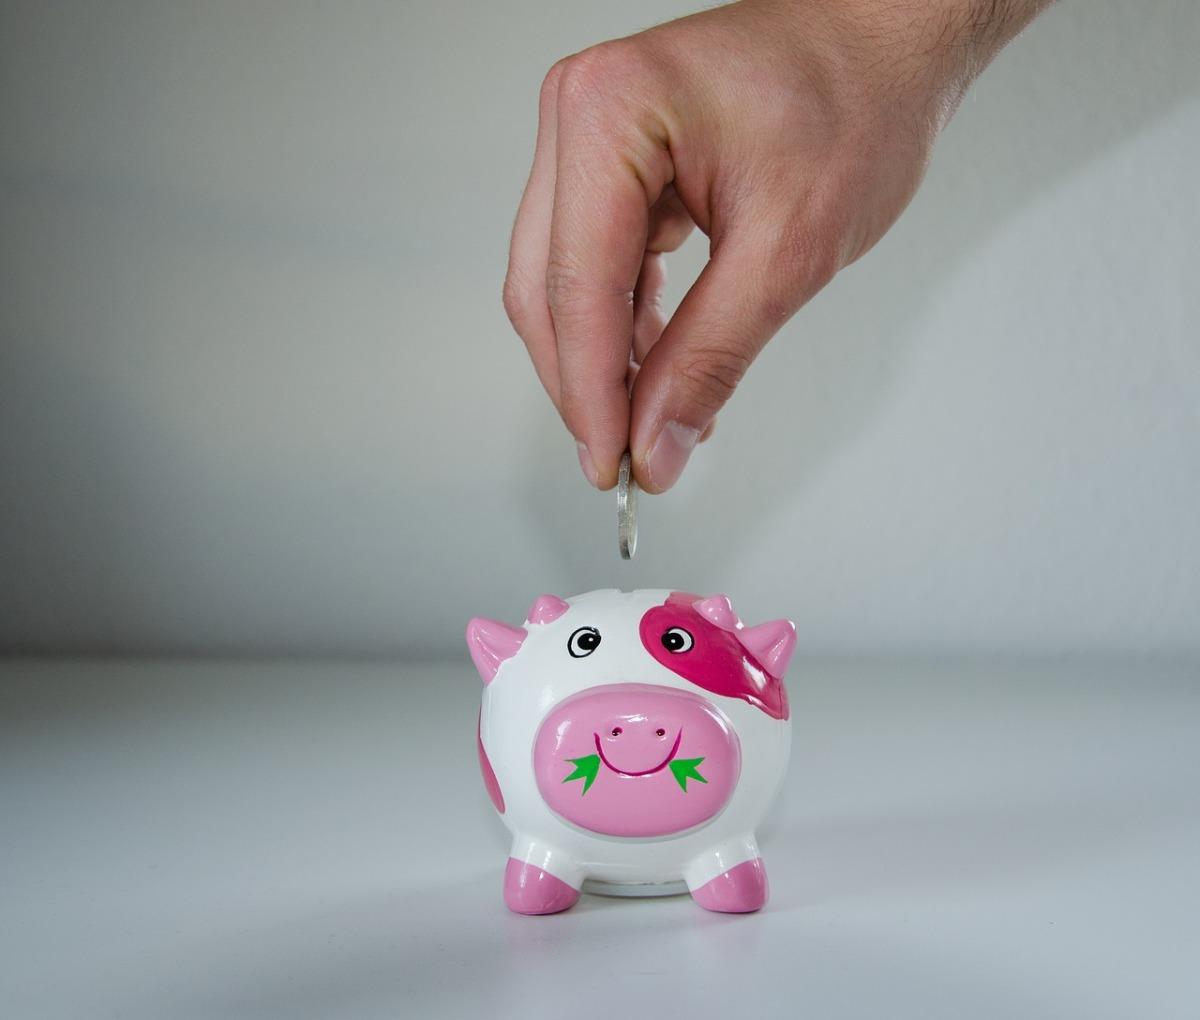 保有金融資産は自分の生き様